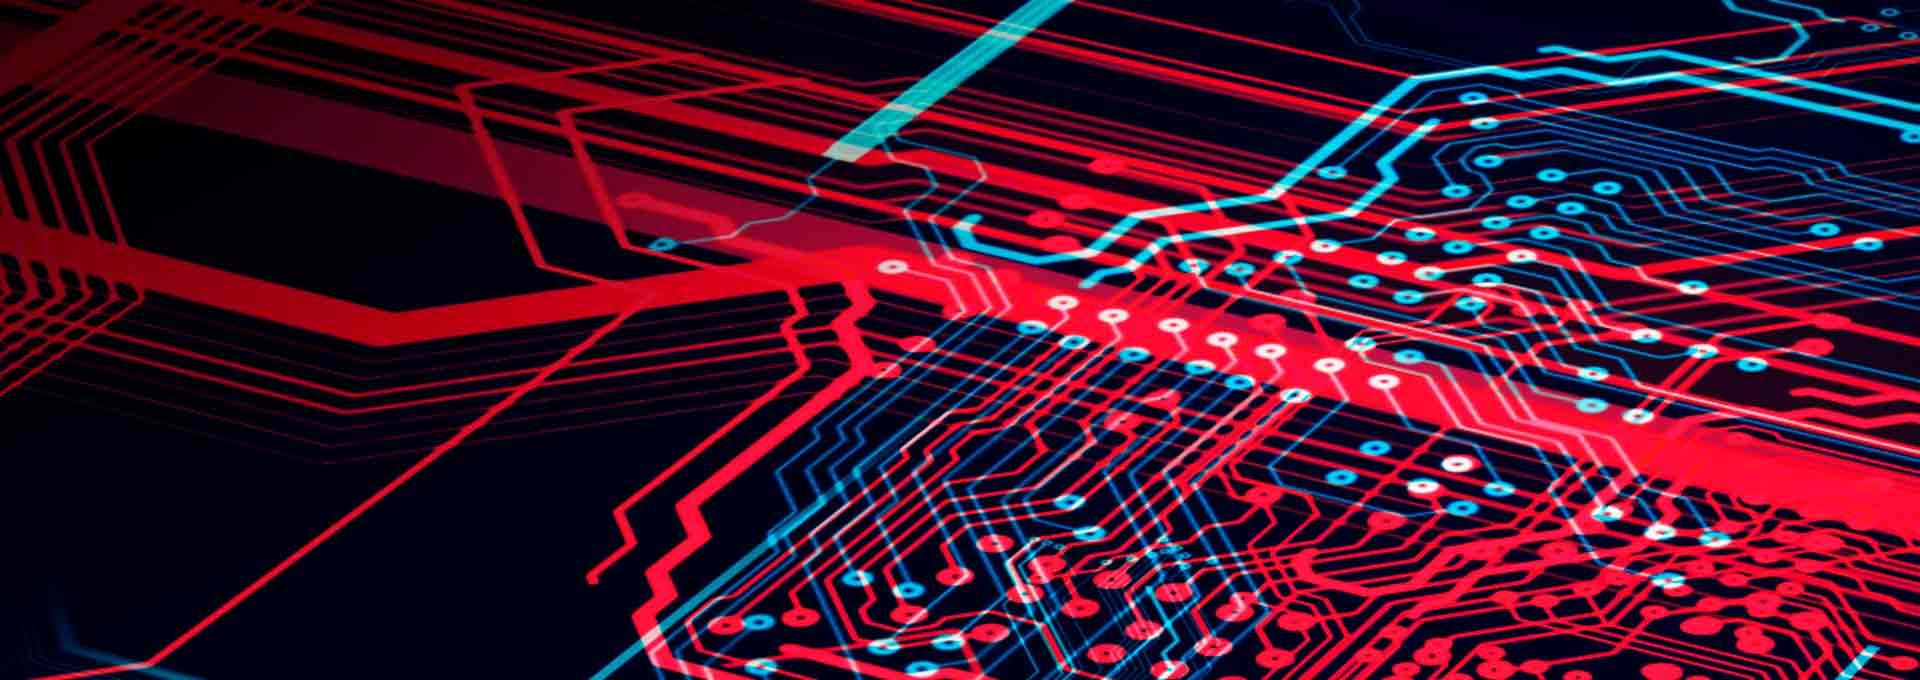 Bir Bernafon işitme cihazı yonga platformunun teknolojik bir görselleştirmesi olarak kullanılan çeşitli kırmızı çizgilerin gösterimi.